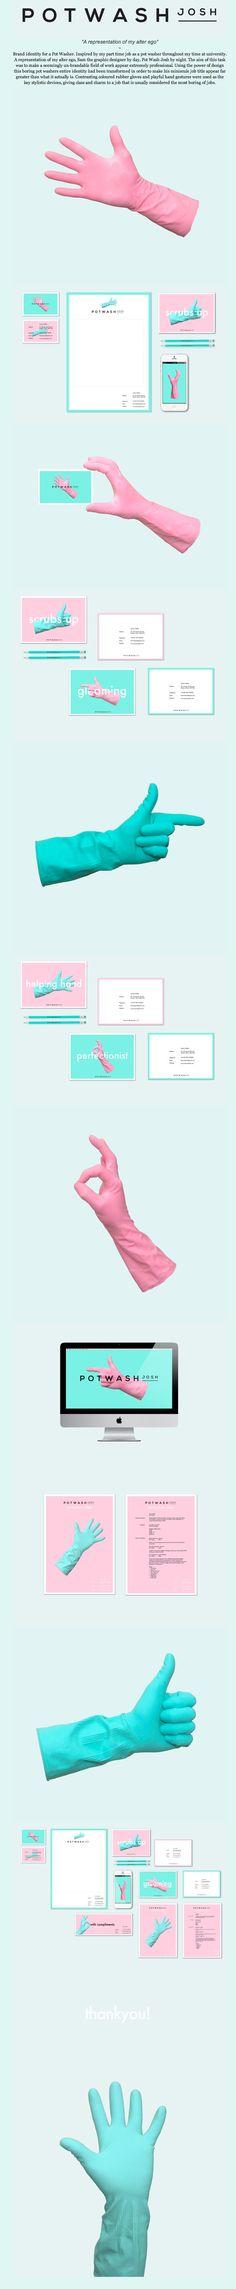 http://www.behance.net/gallery/Pot-Wash-Josh-Brand-Identity-/8738167